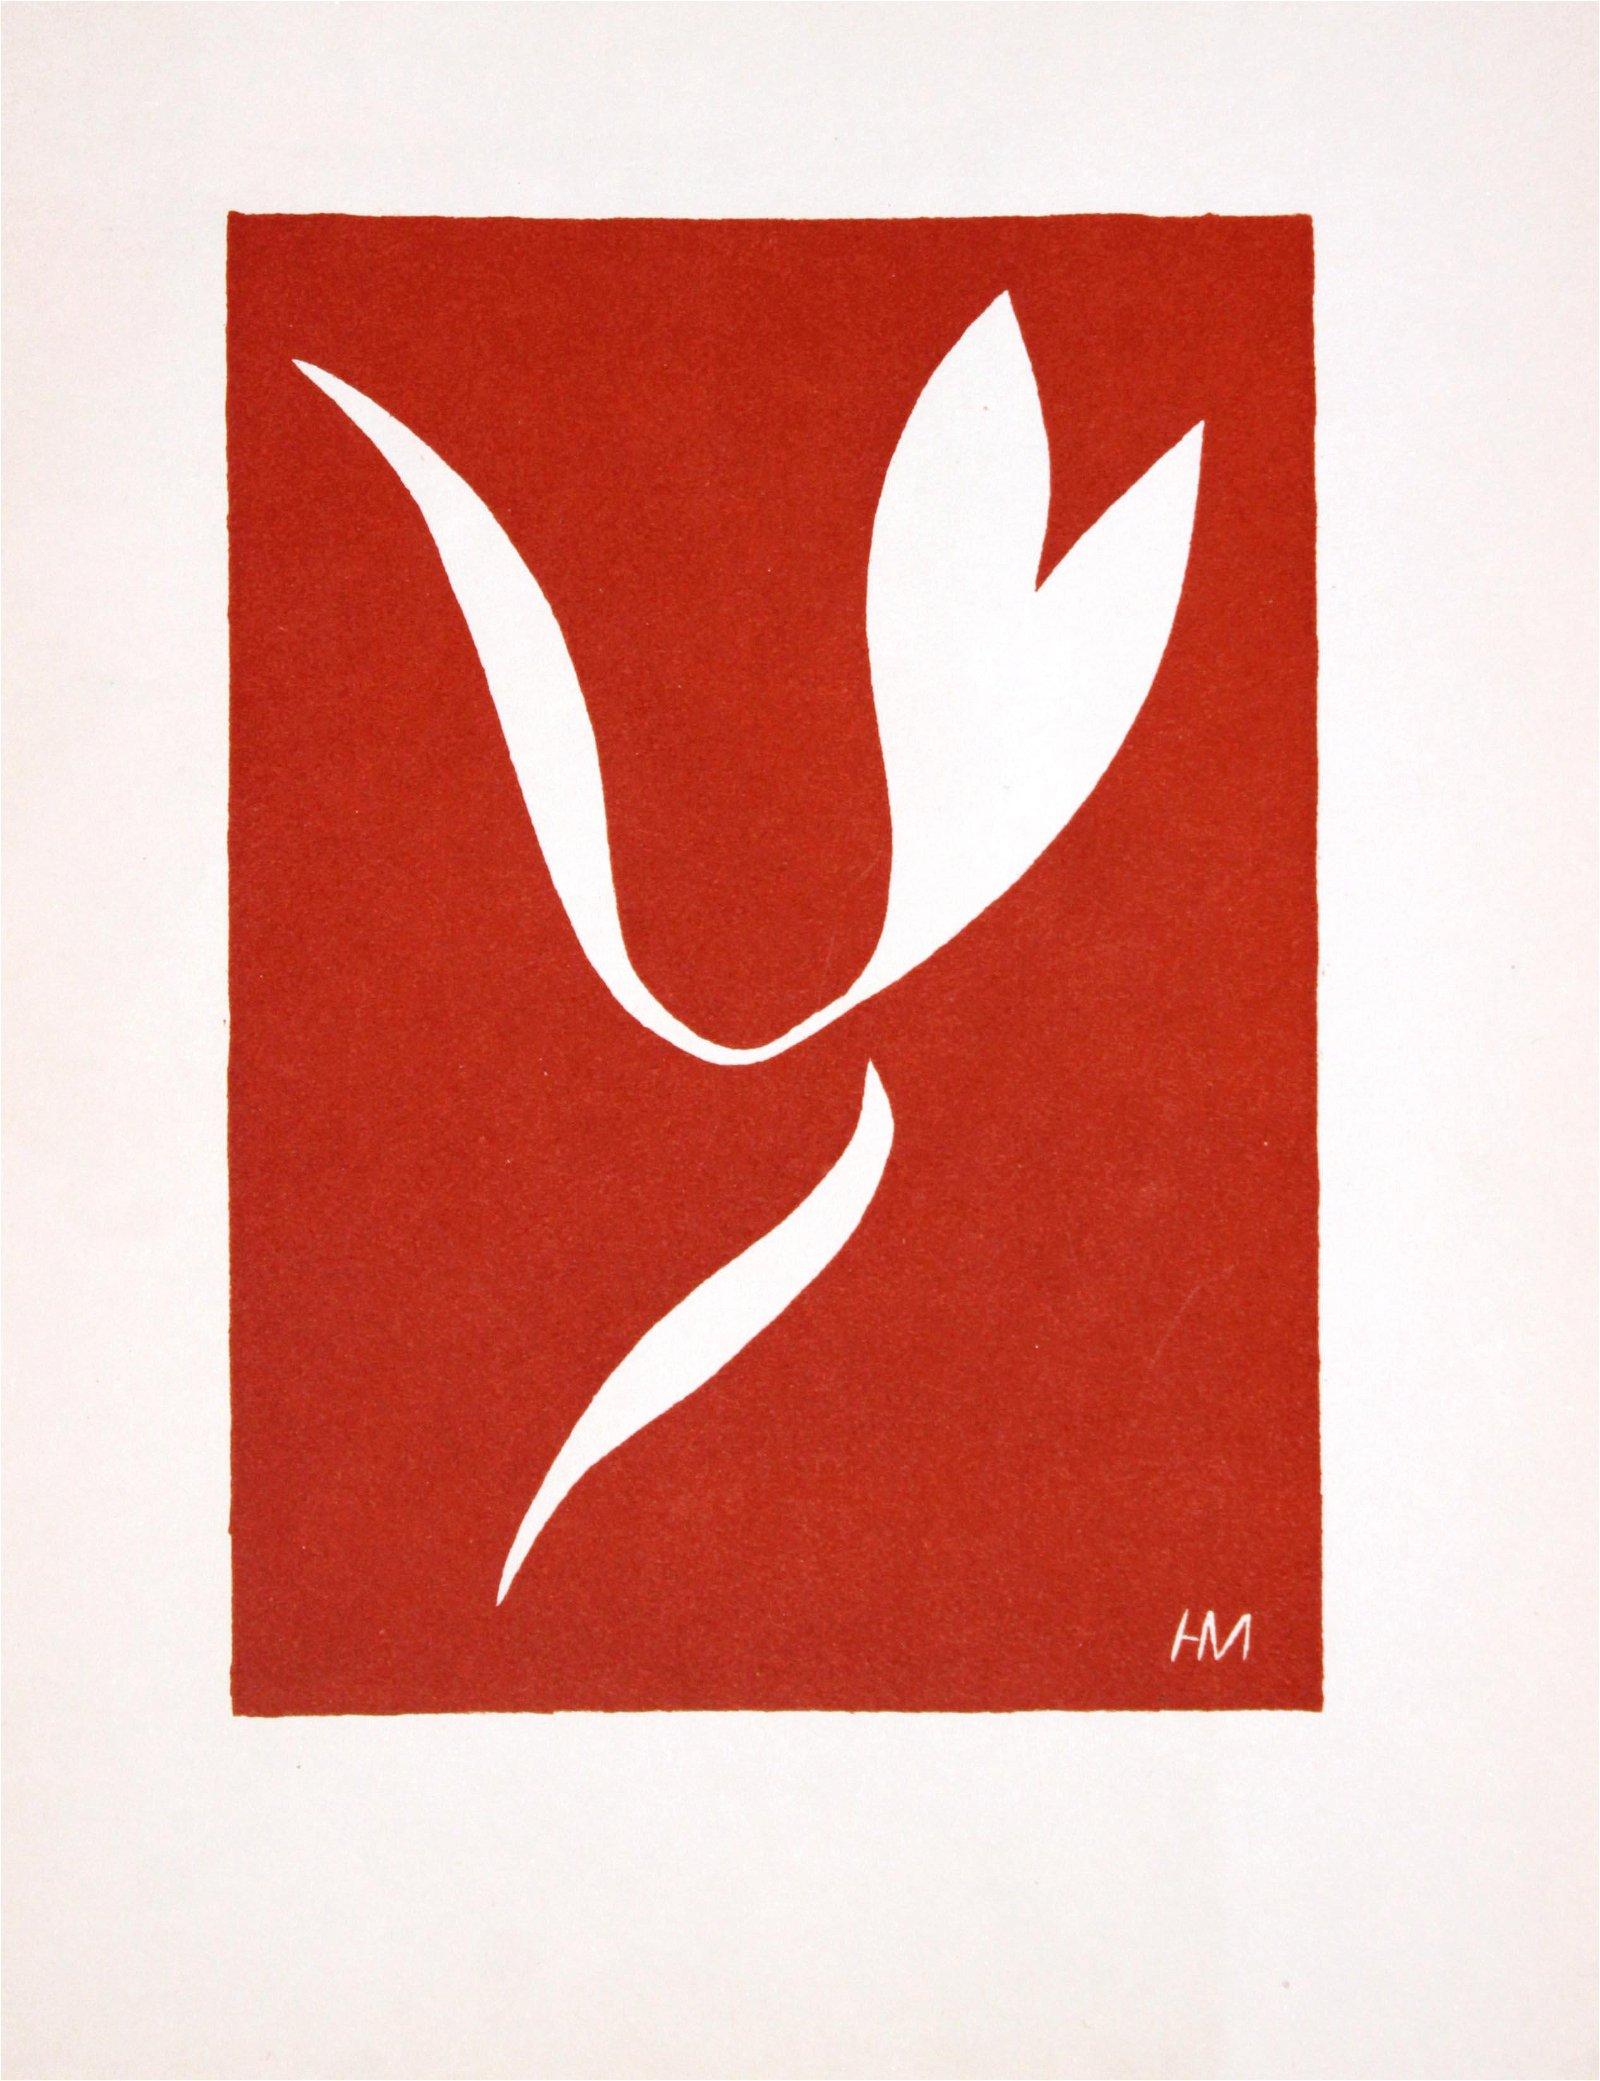 Henri Matisse - Skater in Motion I